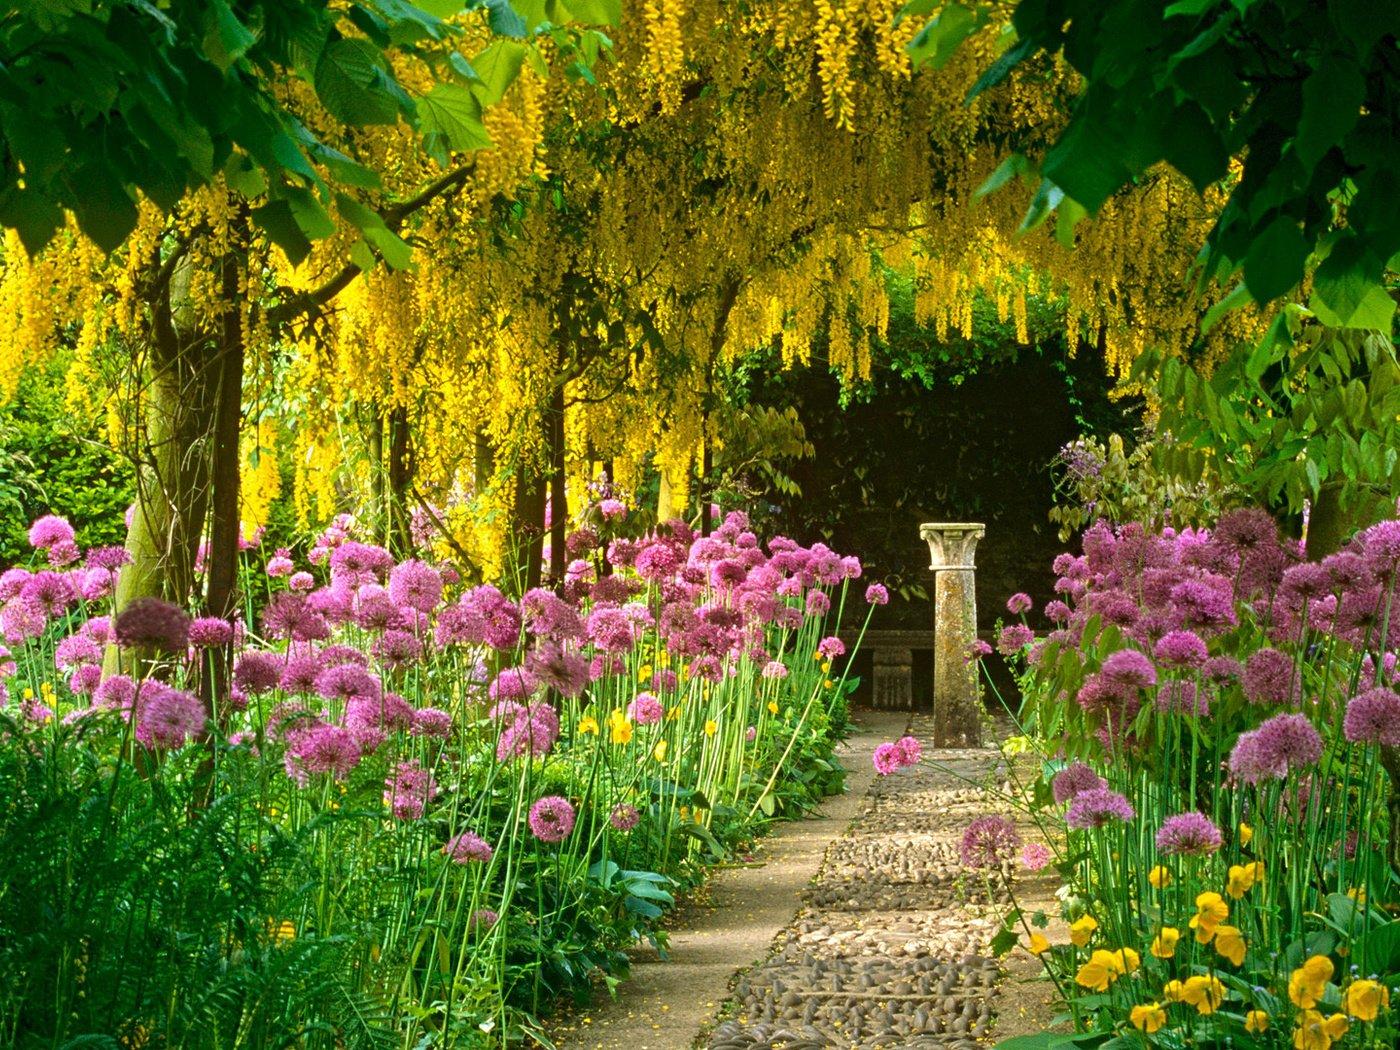 Для поздравления, картинки сада с цветами и деревьями